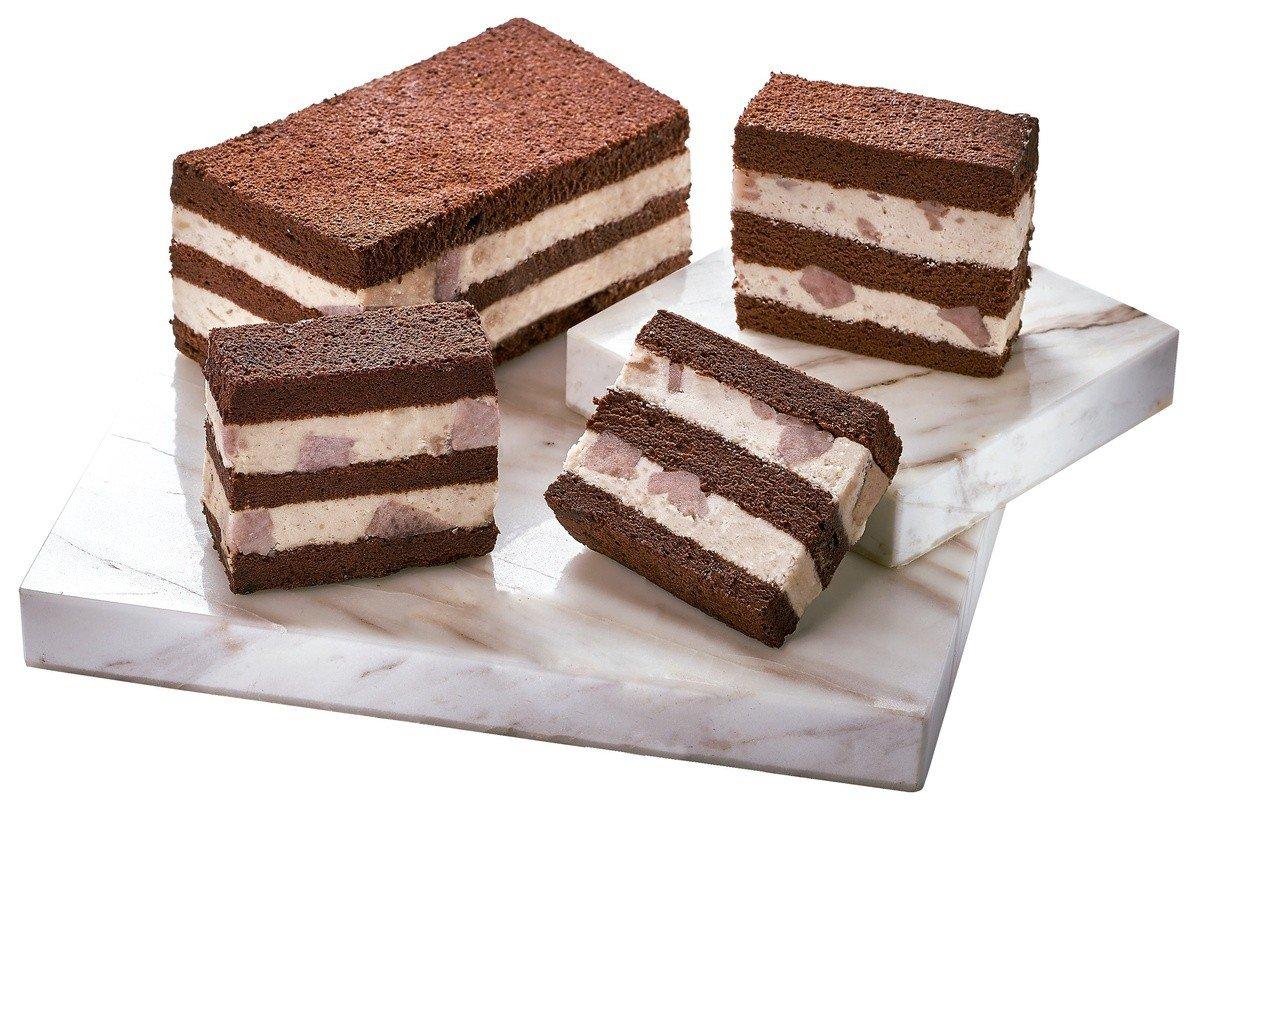 迷客夏法芙娜可可芋頭蛋糕,售價450元。圖/7-ELEVEN提供